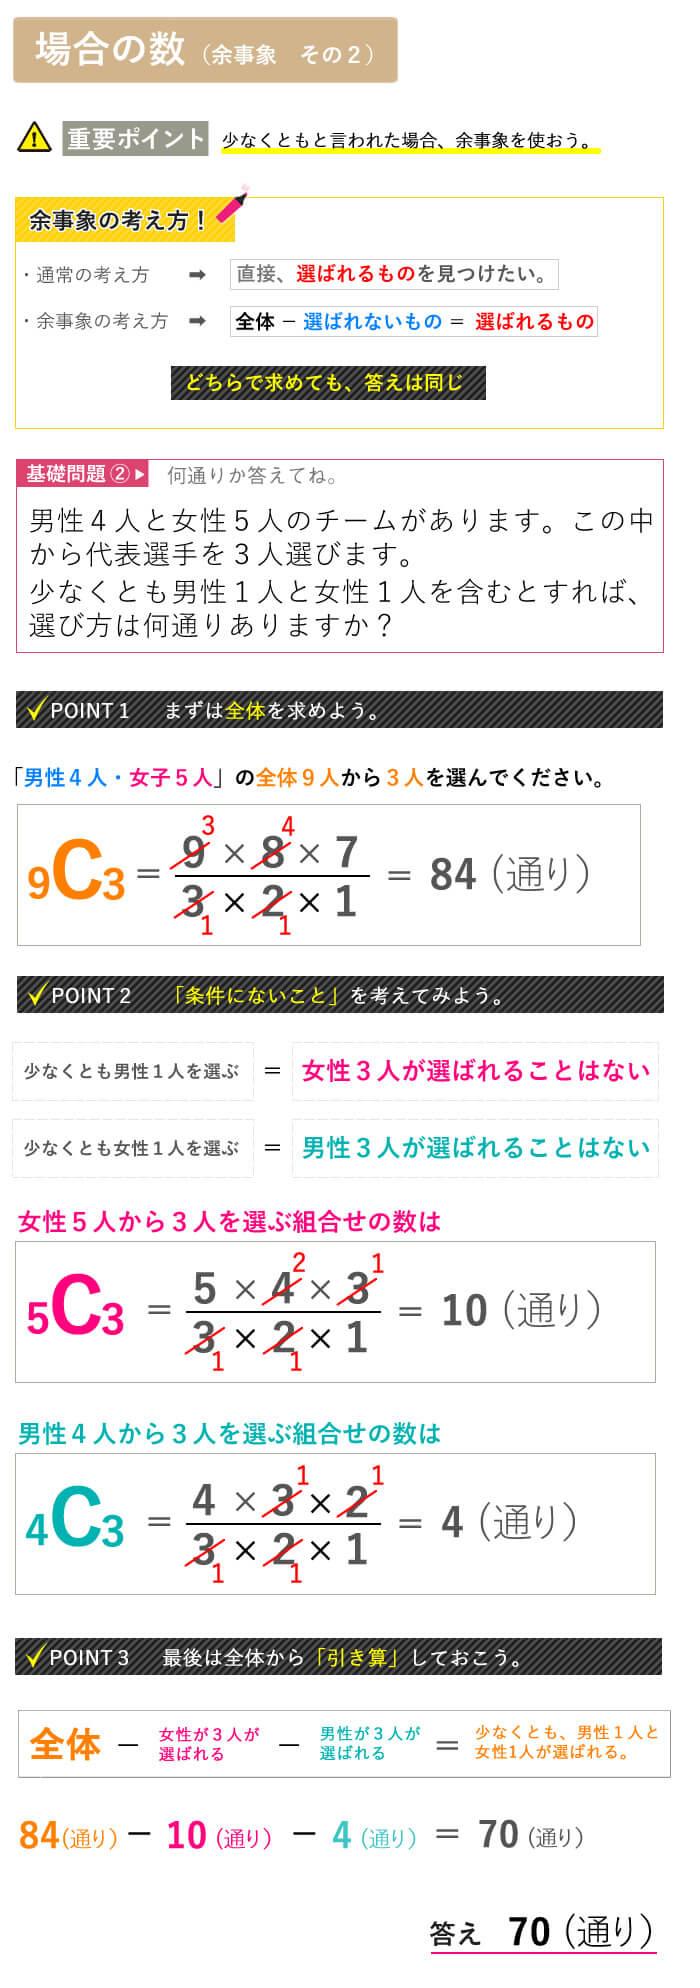 看護予備校大阪KAZアカデミーの場合の数、余事象の説明その2画像